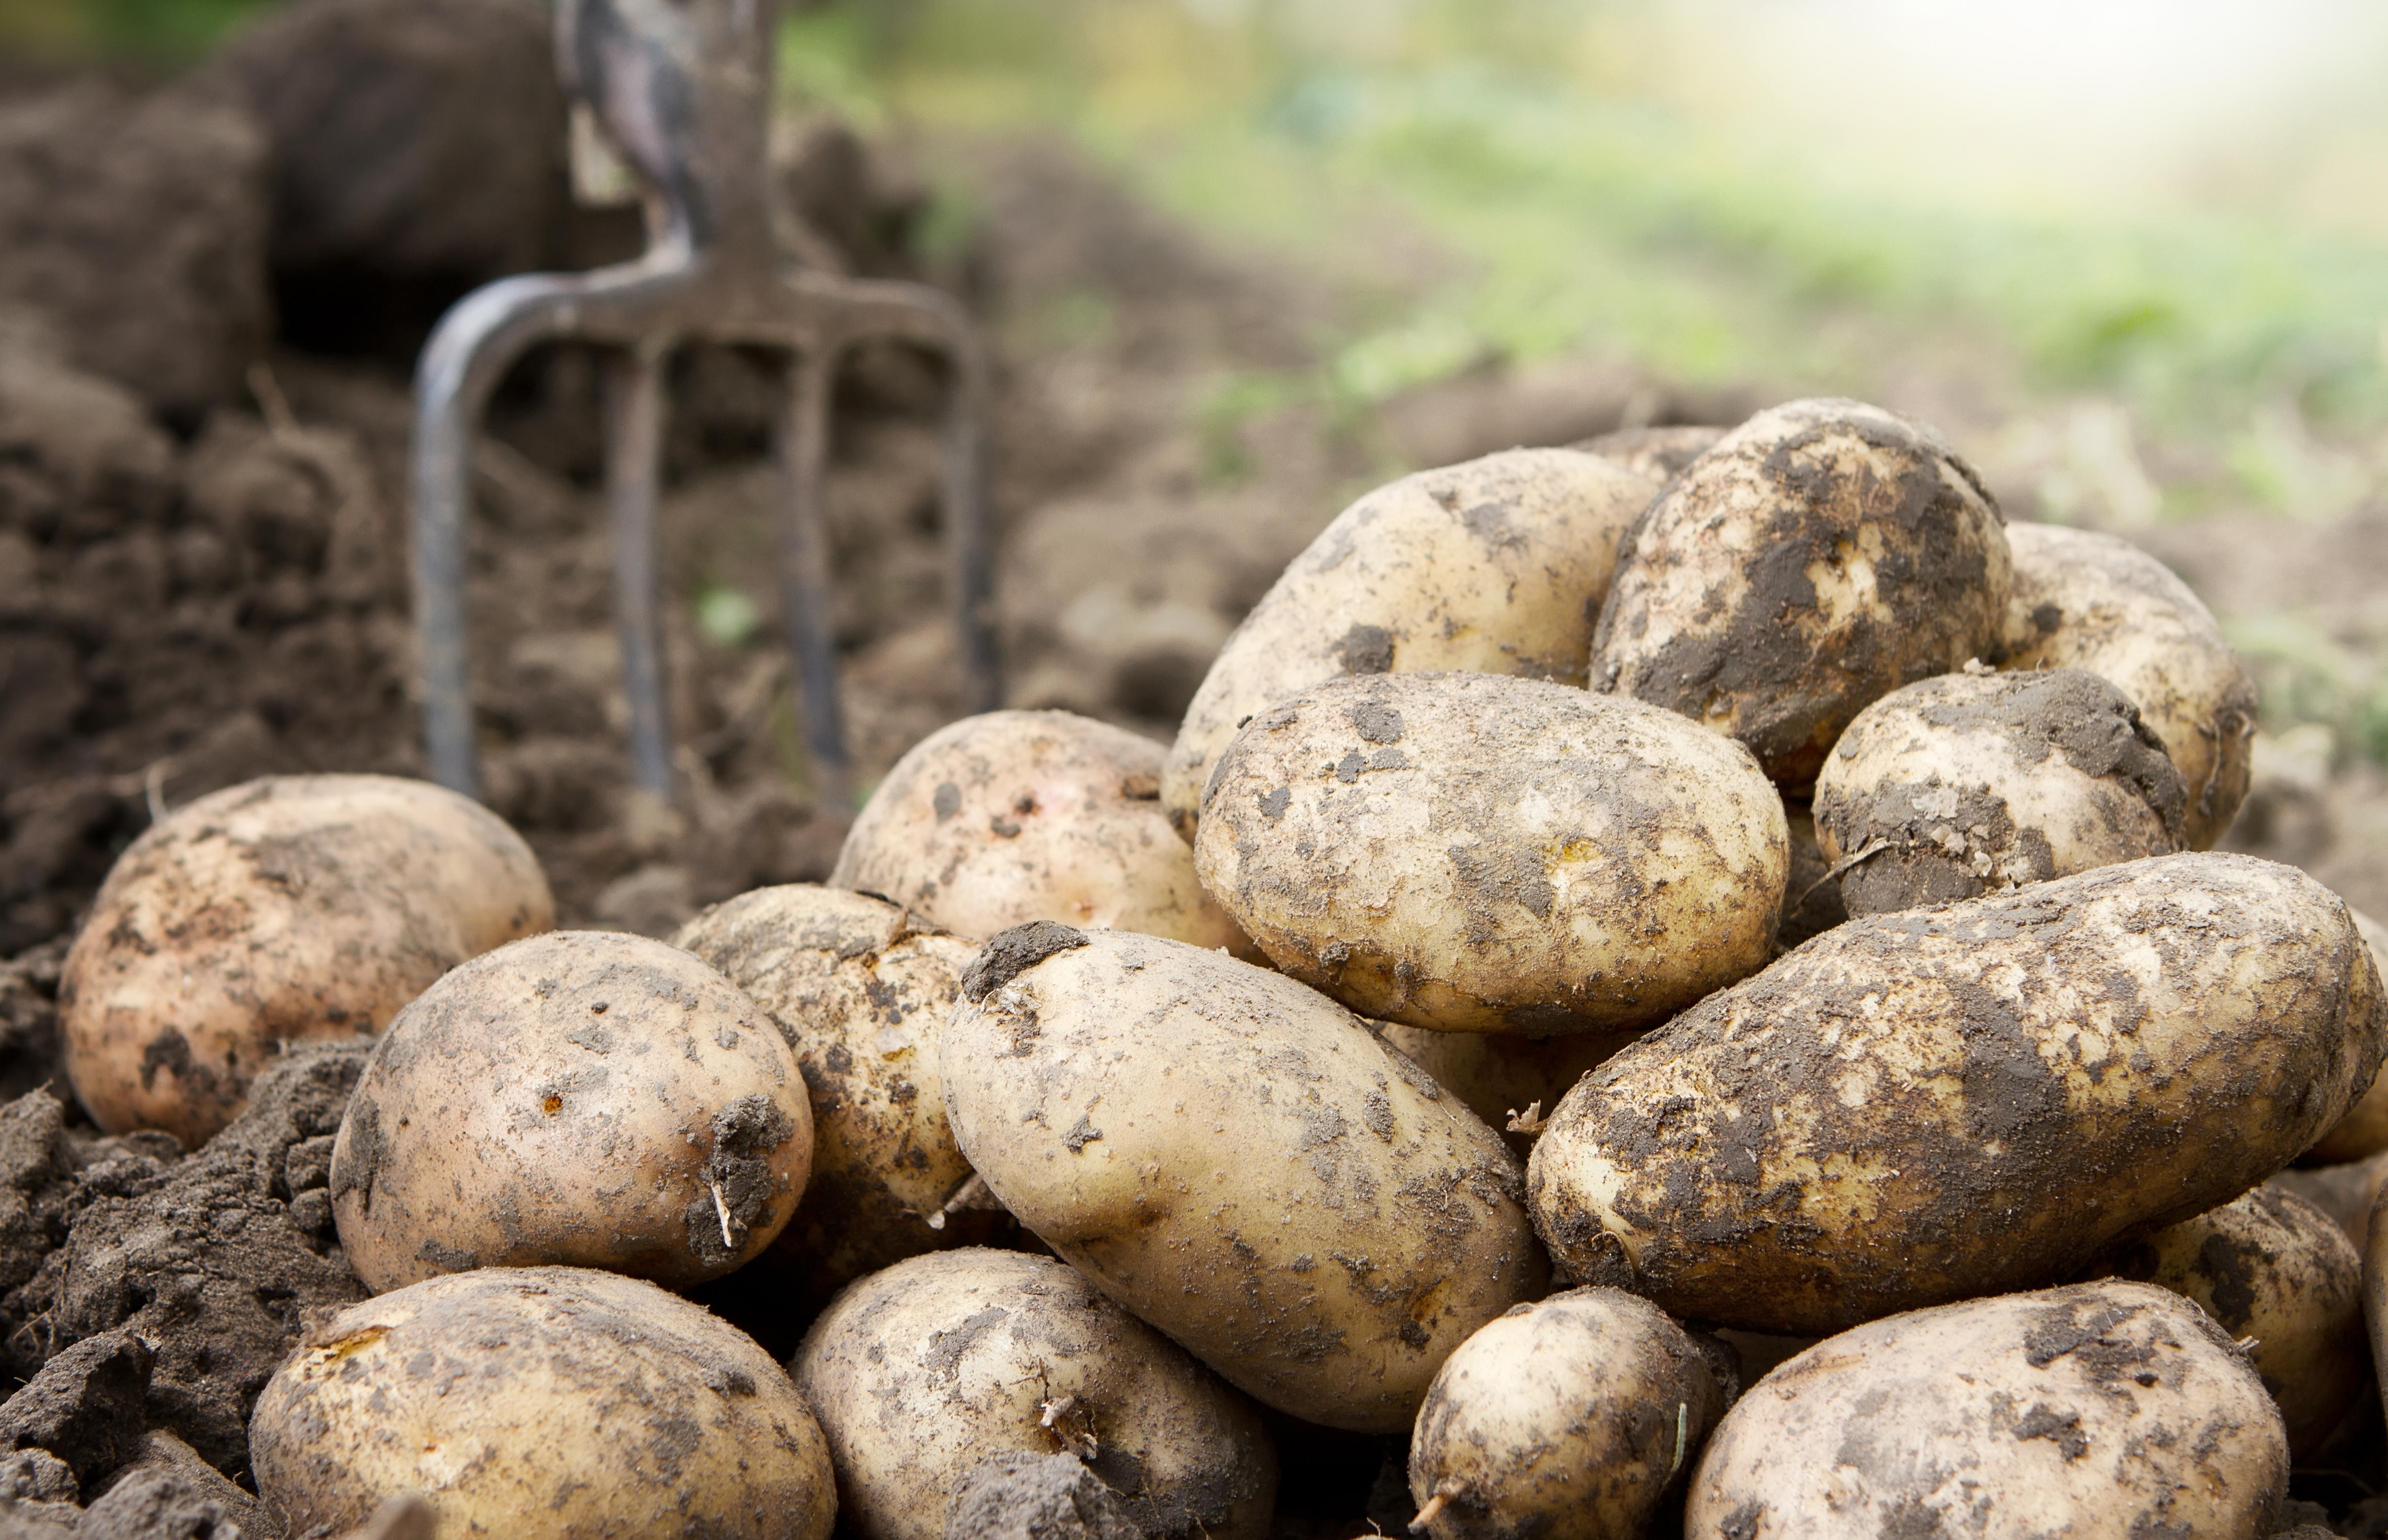 В августе начинается уборка раннеспелого картофеля